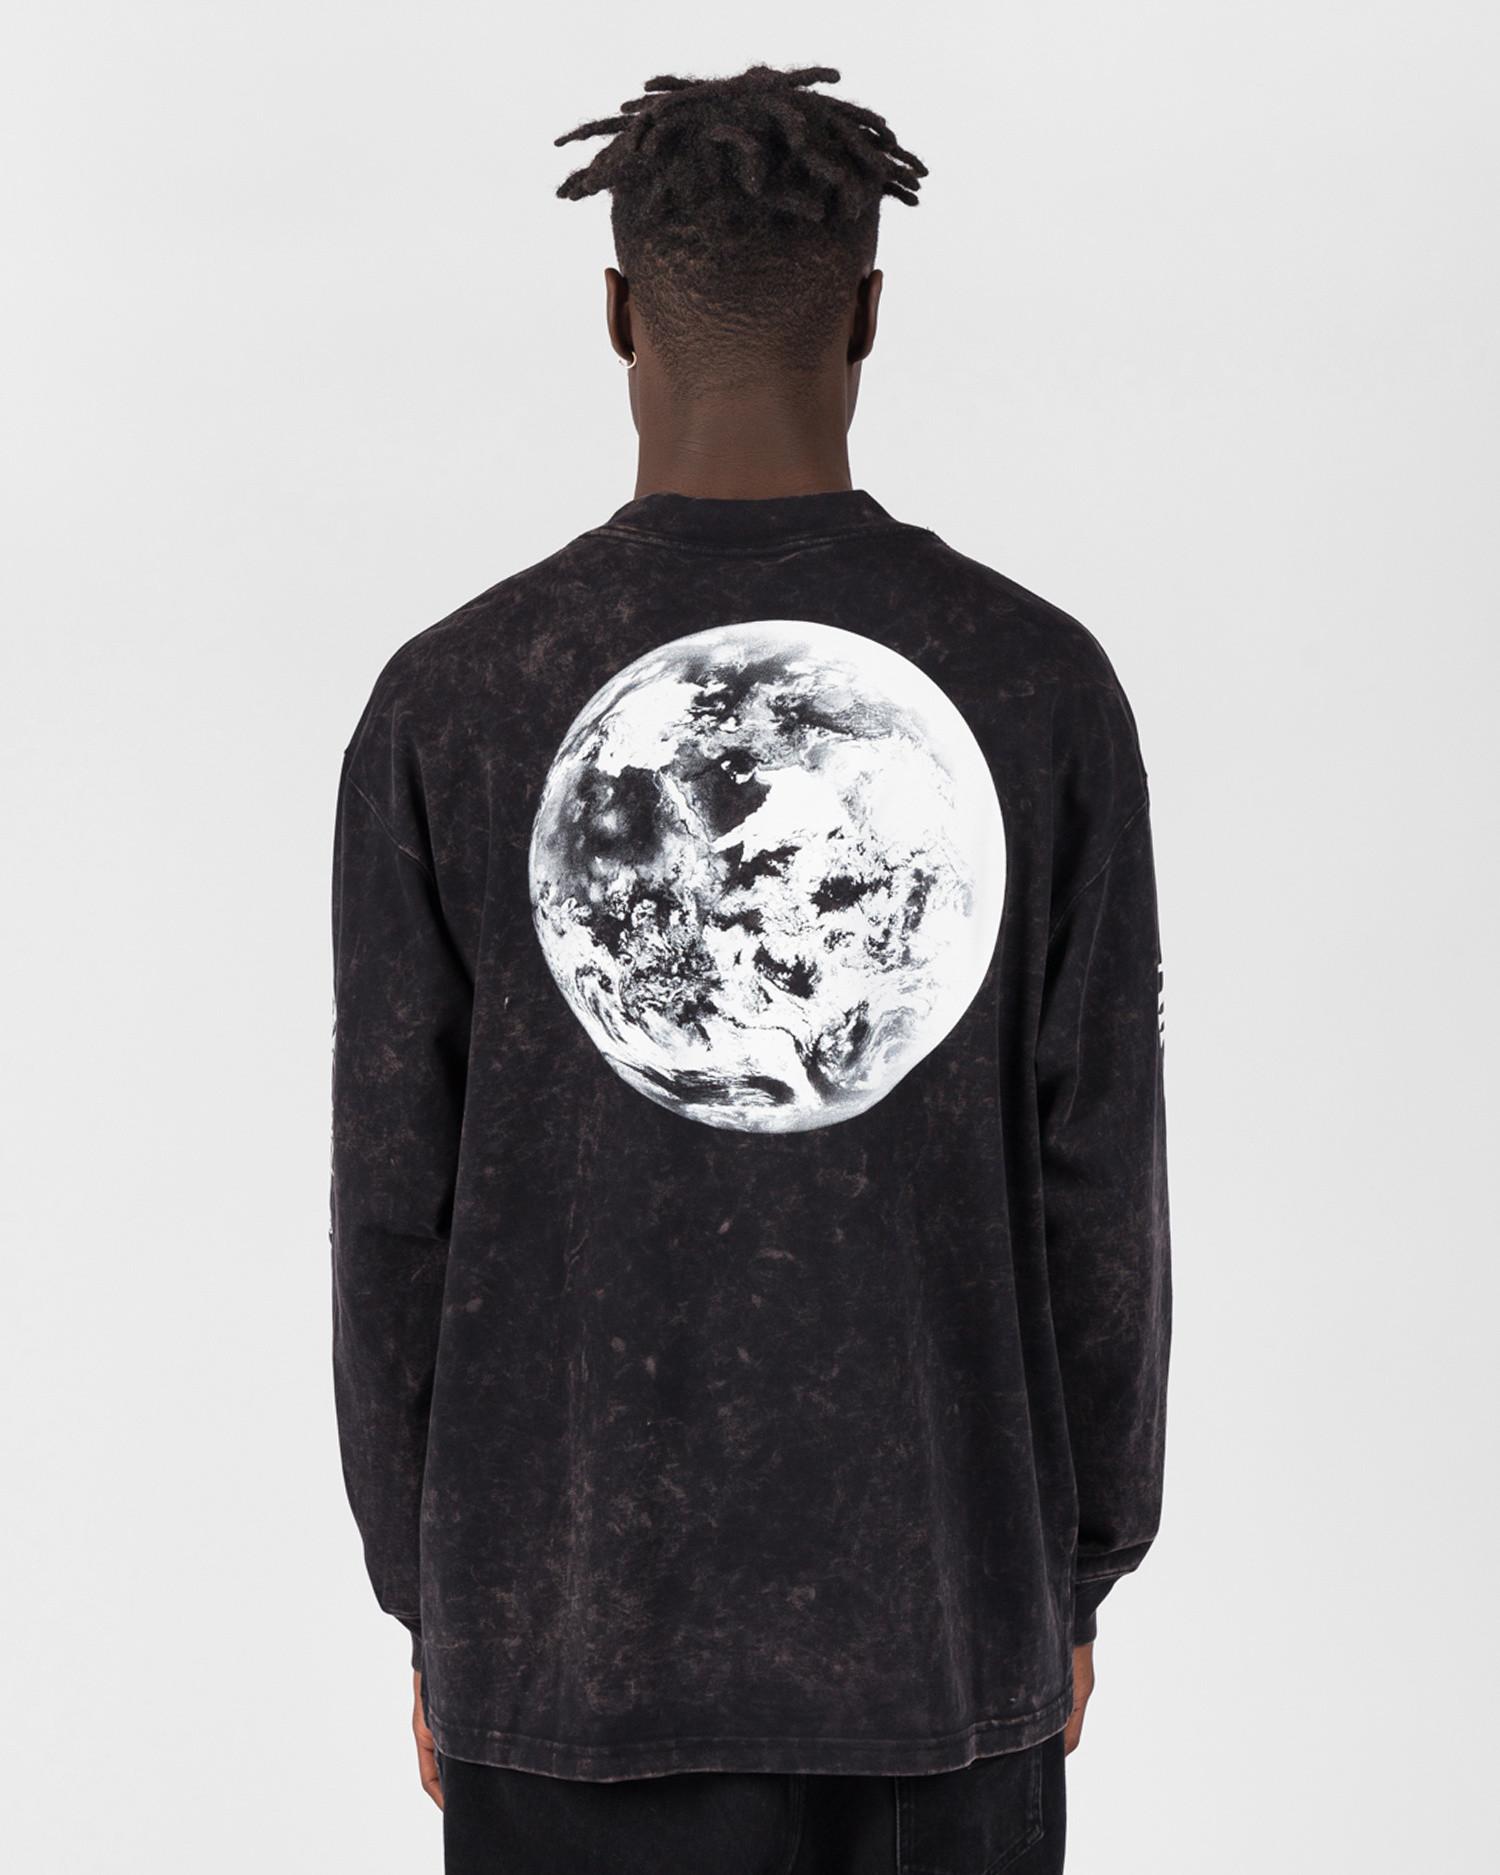 Nike M nrg acg longsleeve tee earth Black/white